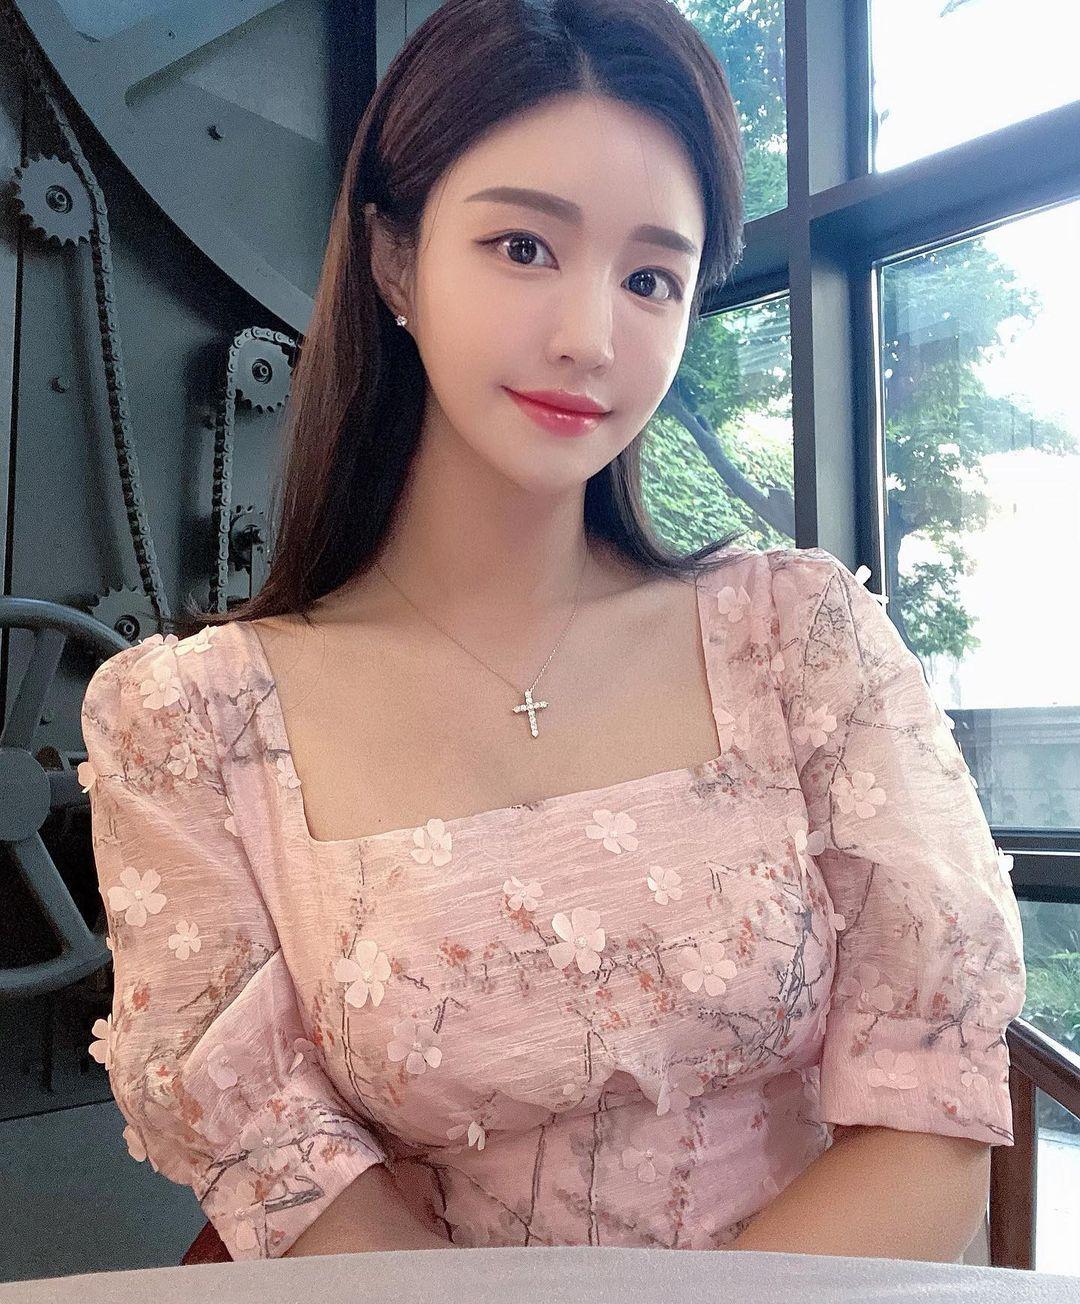 韩国美女主播「尹浩延」爱打高尔夫.球衣衬托超吸睛 养眼图片 第29张